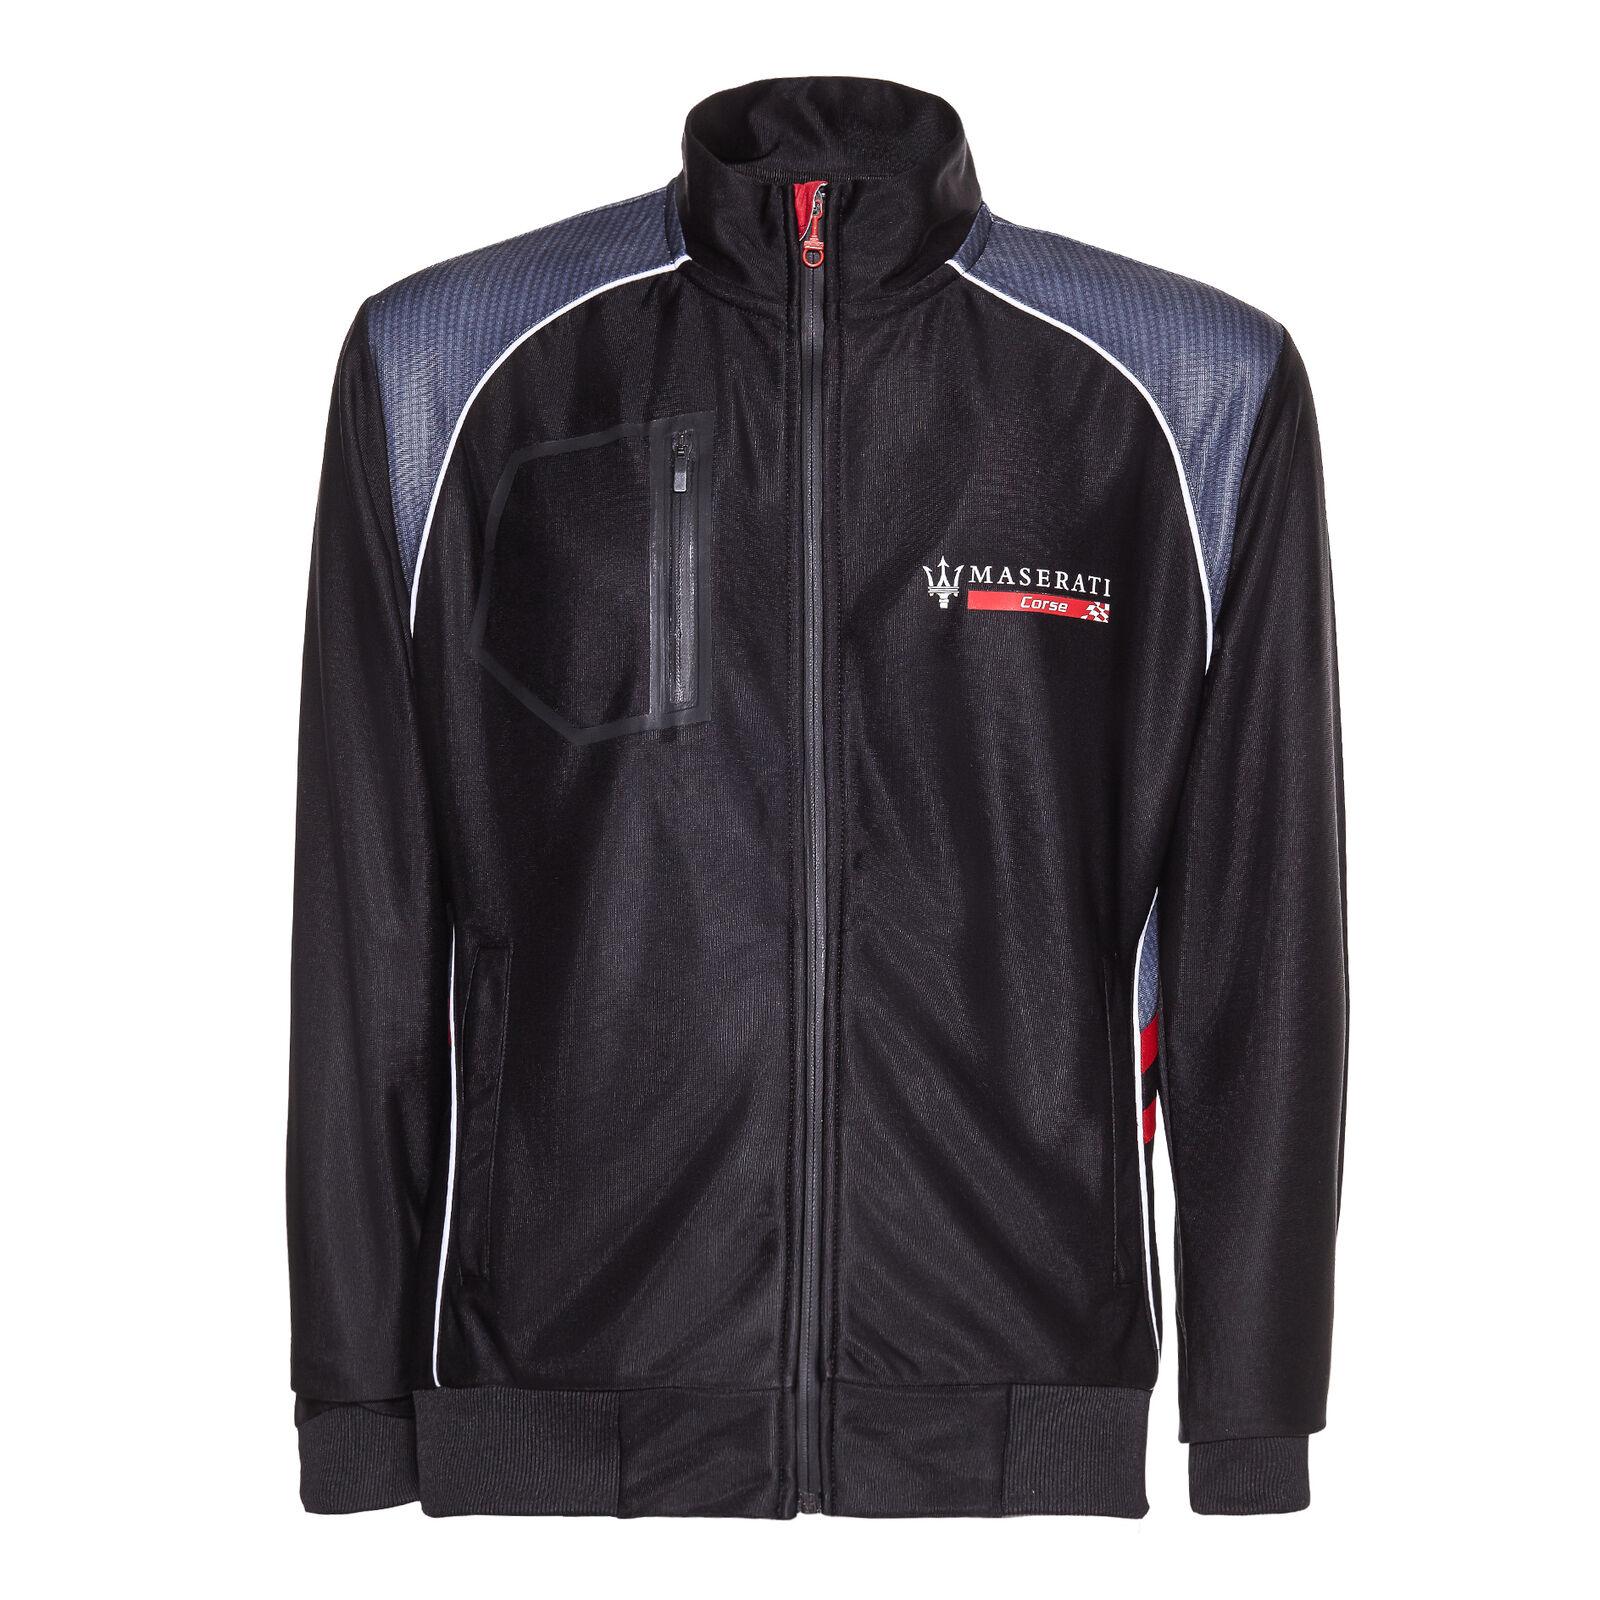 送料無料 Maserati Zip Up 待望 Sweatshirt 爆売り Jumper マセラティ ジャージ アウター ジャケット 長袖 ブラック ジップアップ